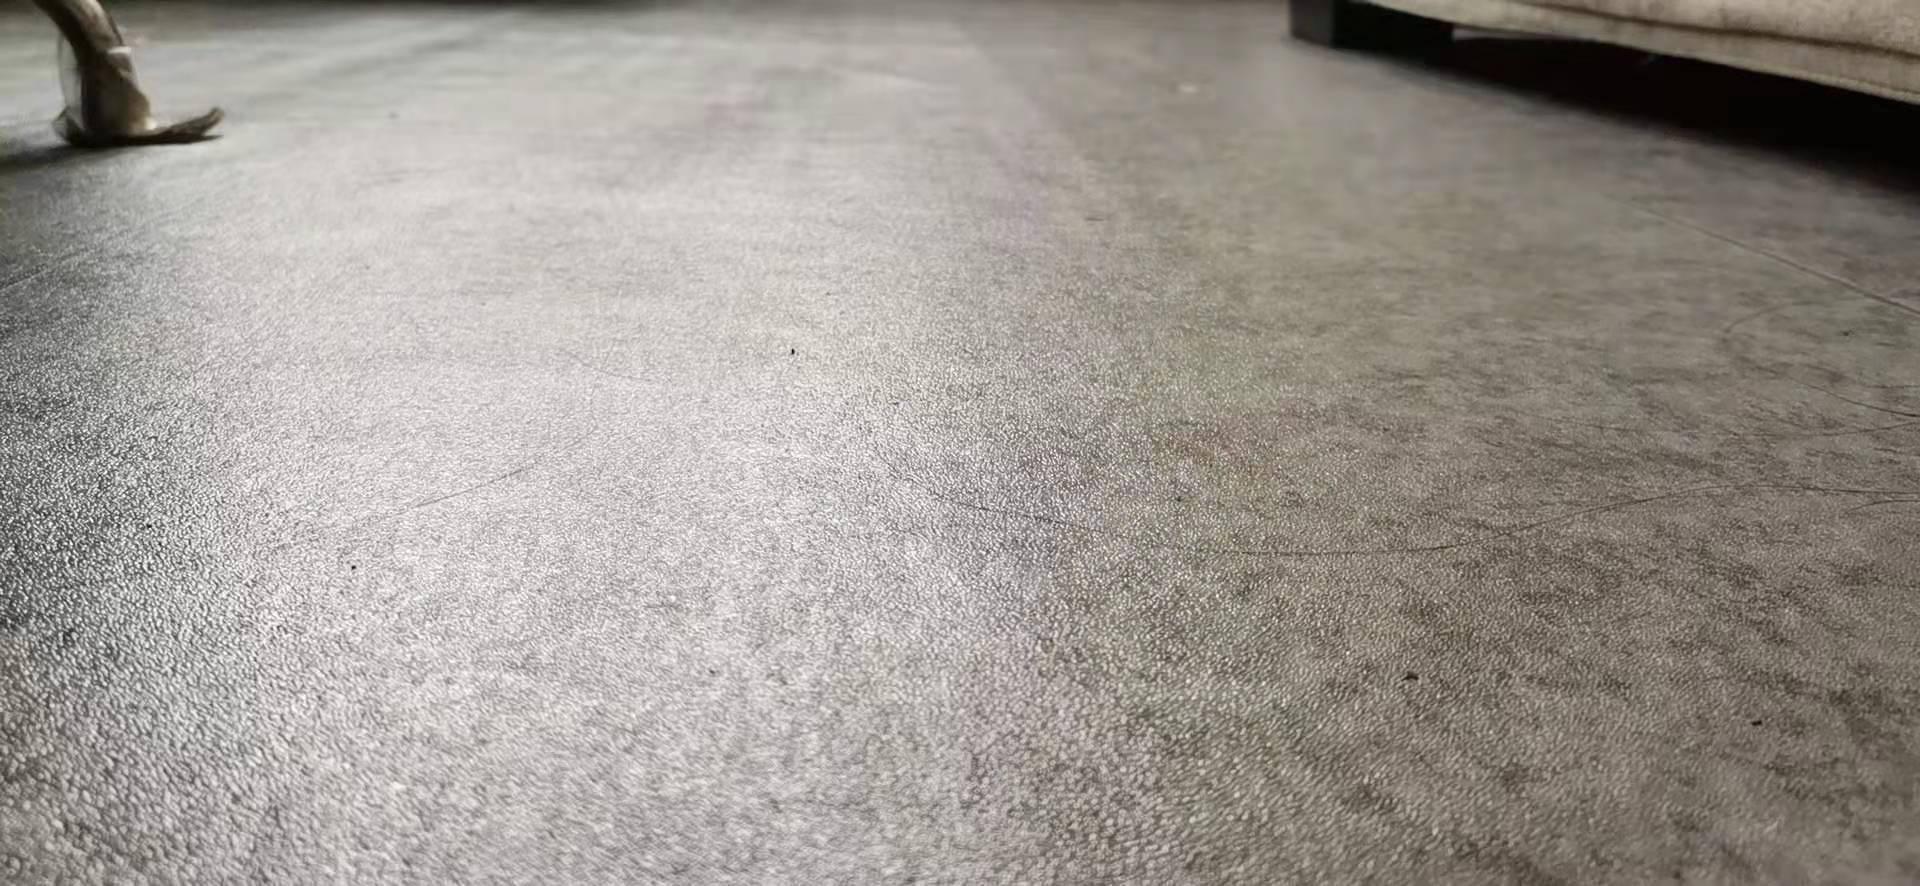 【亚特兰】地板革加厚耐磨防水环保塑料室内水泥地胶垫直接铺家用pvc自粘地贴炕革牛津革H048(20平方)